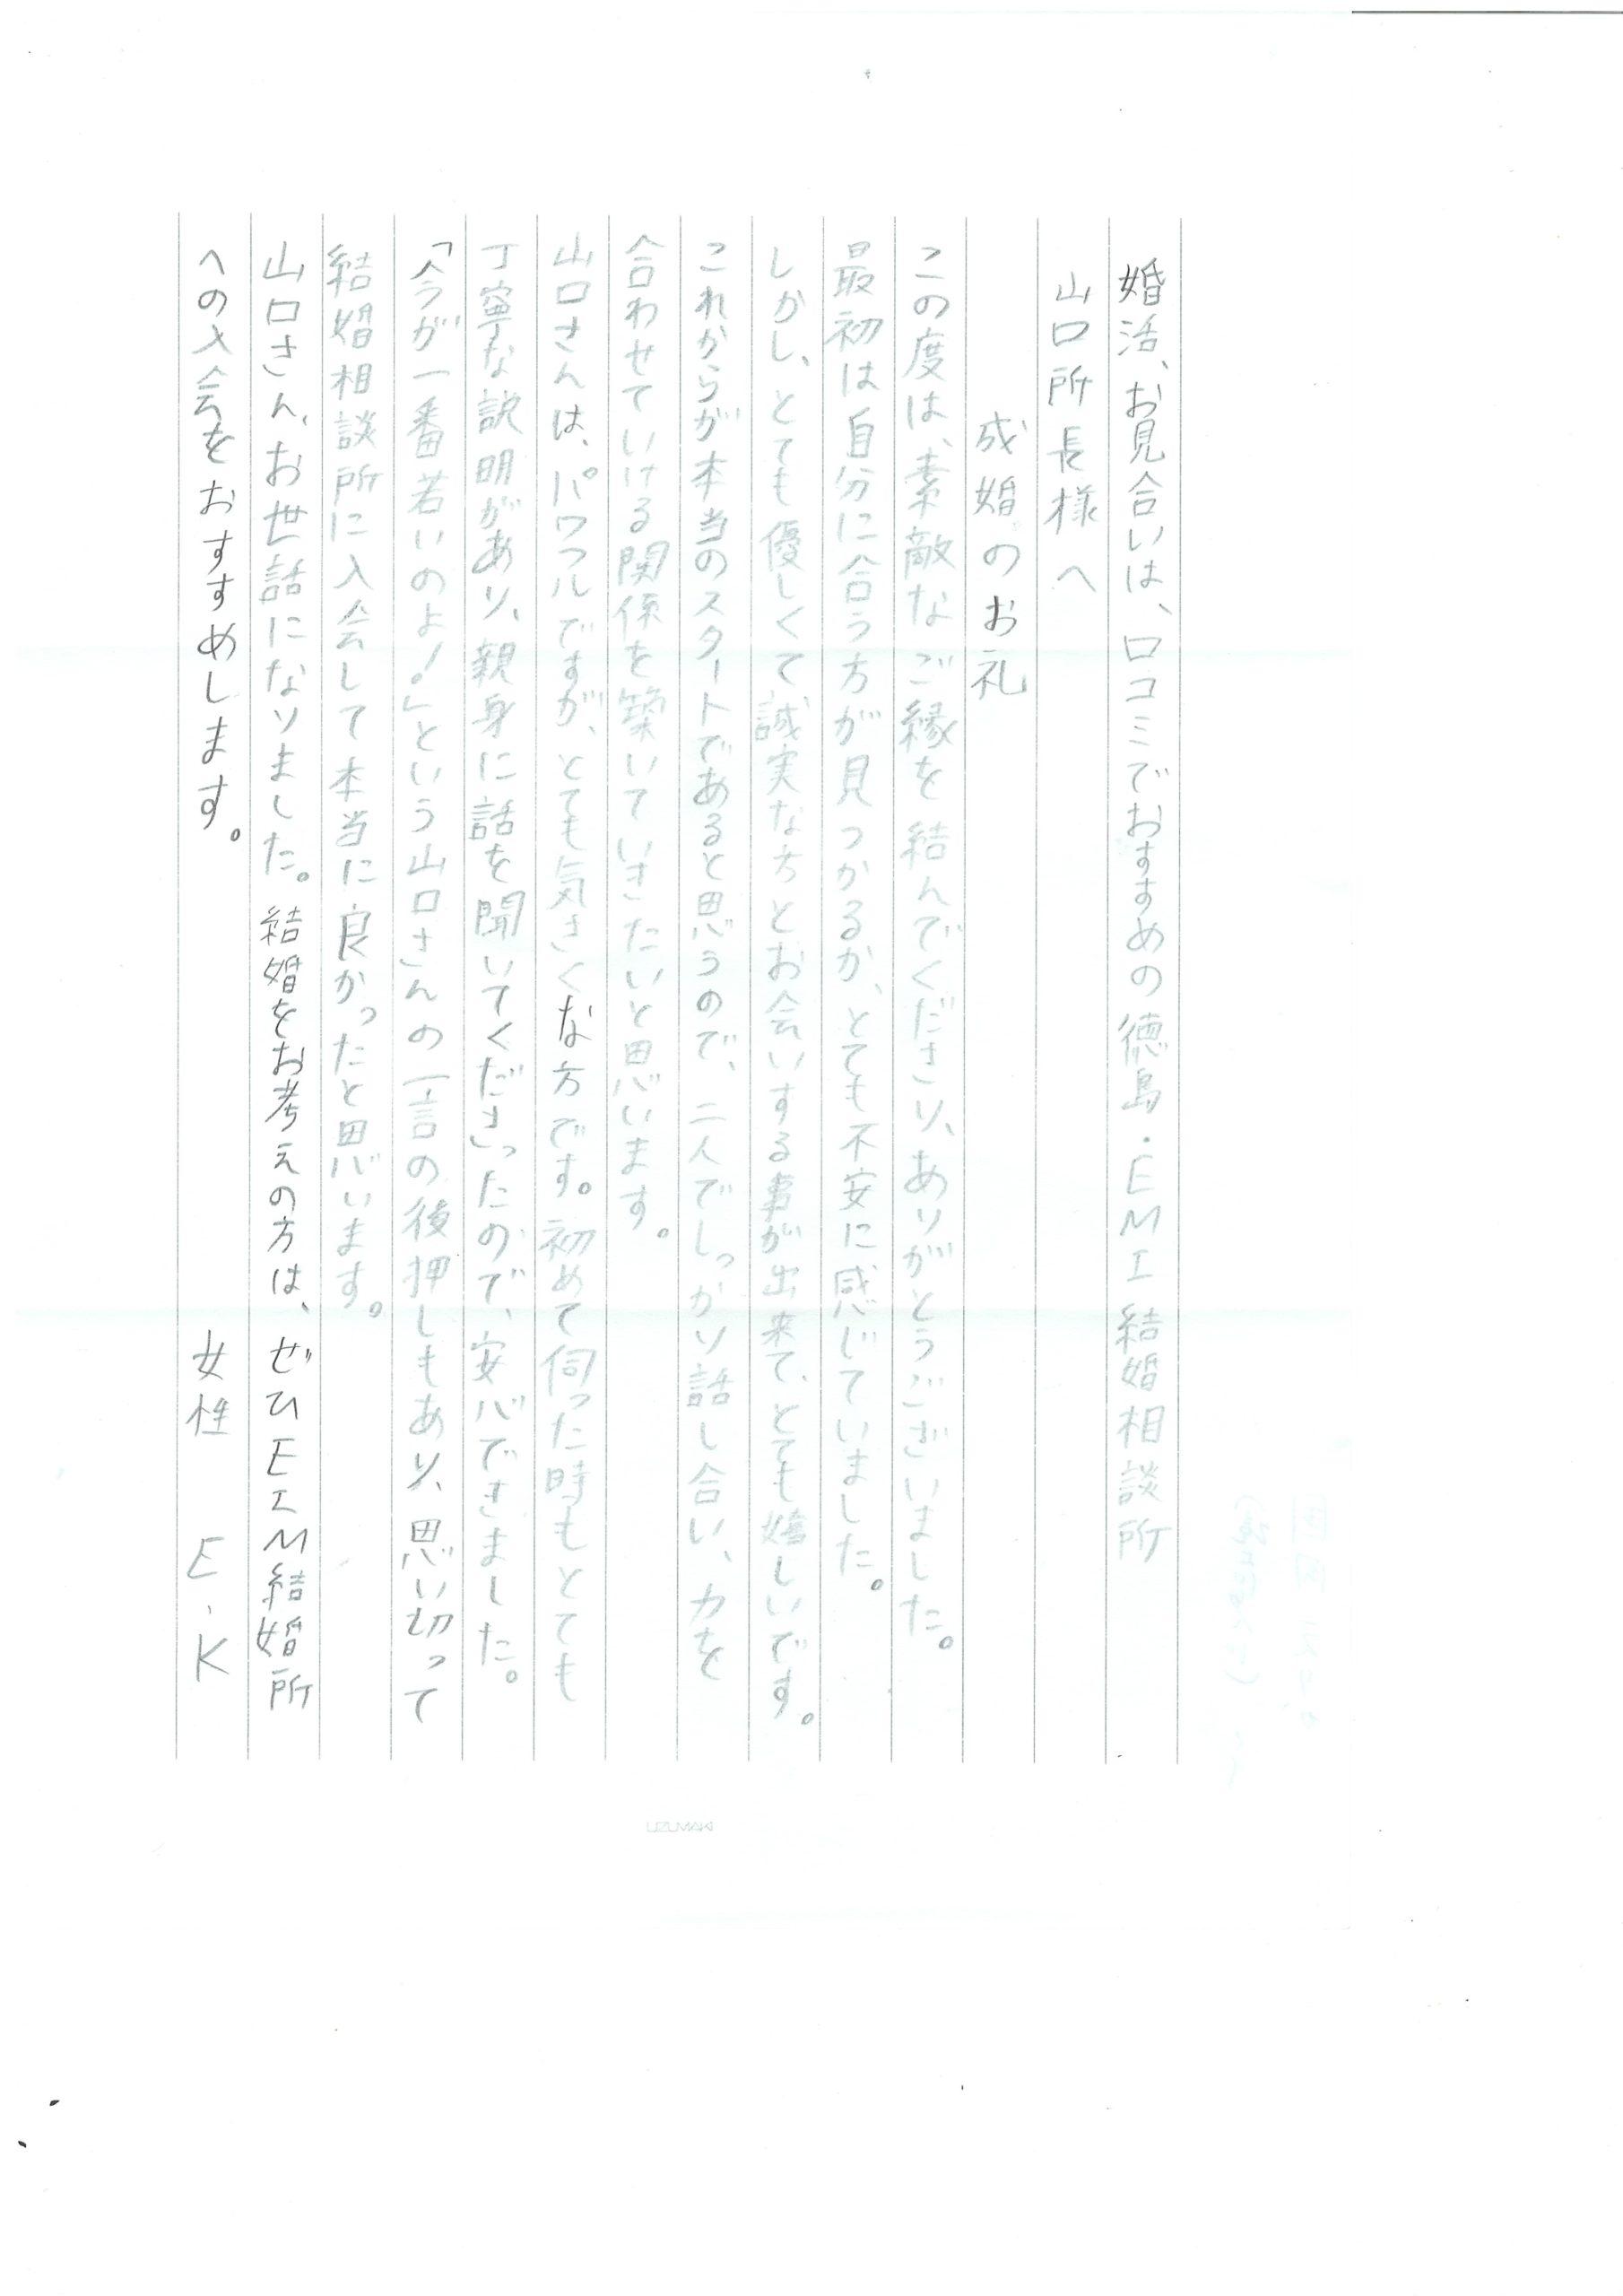 婚活後の徳島EMI結婚相談所でのご成婚者様 女性 E・K様